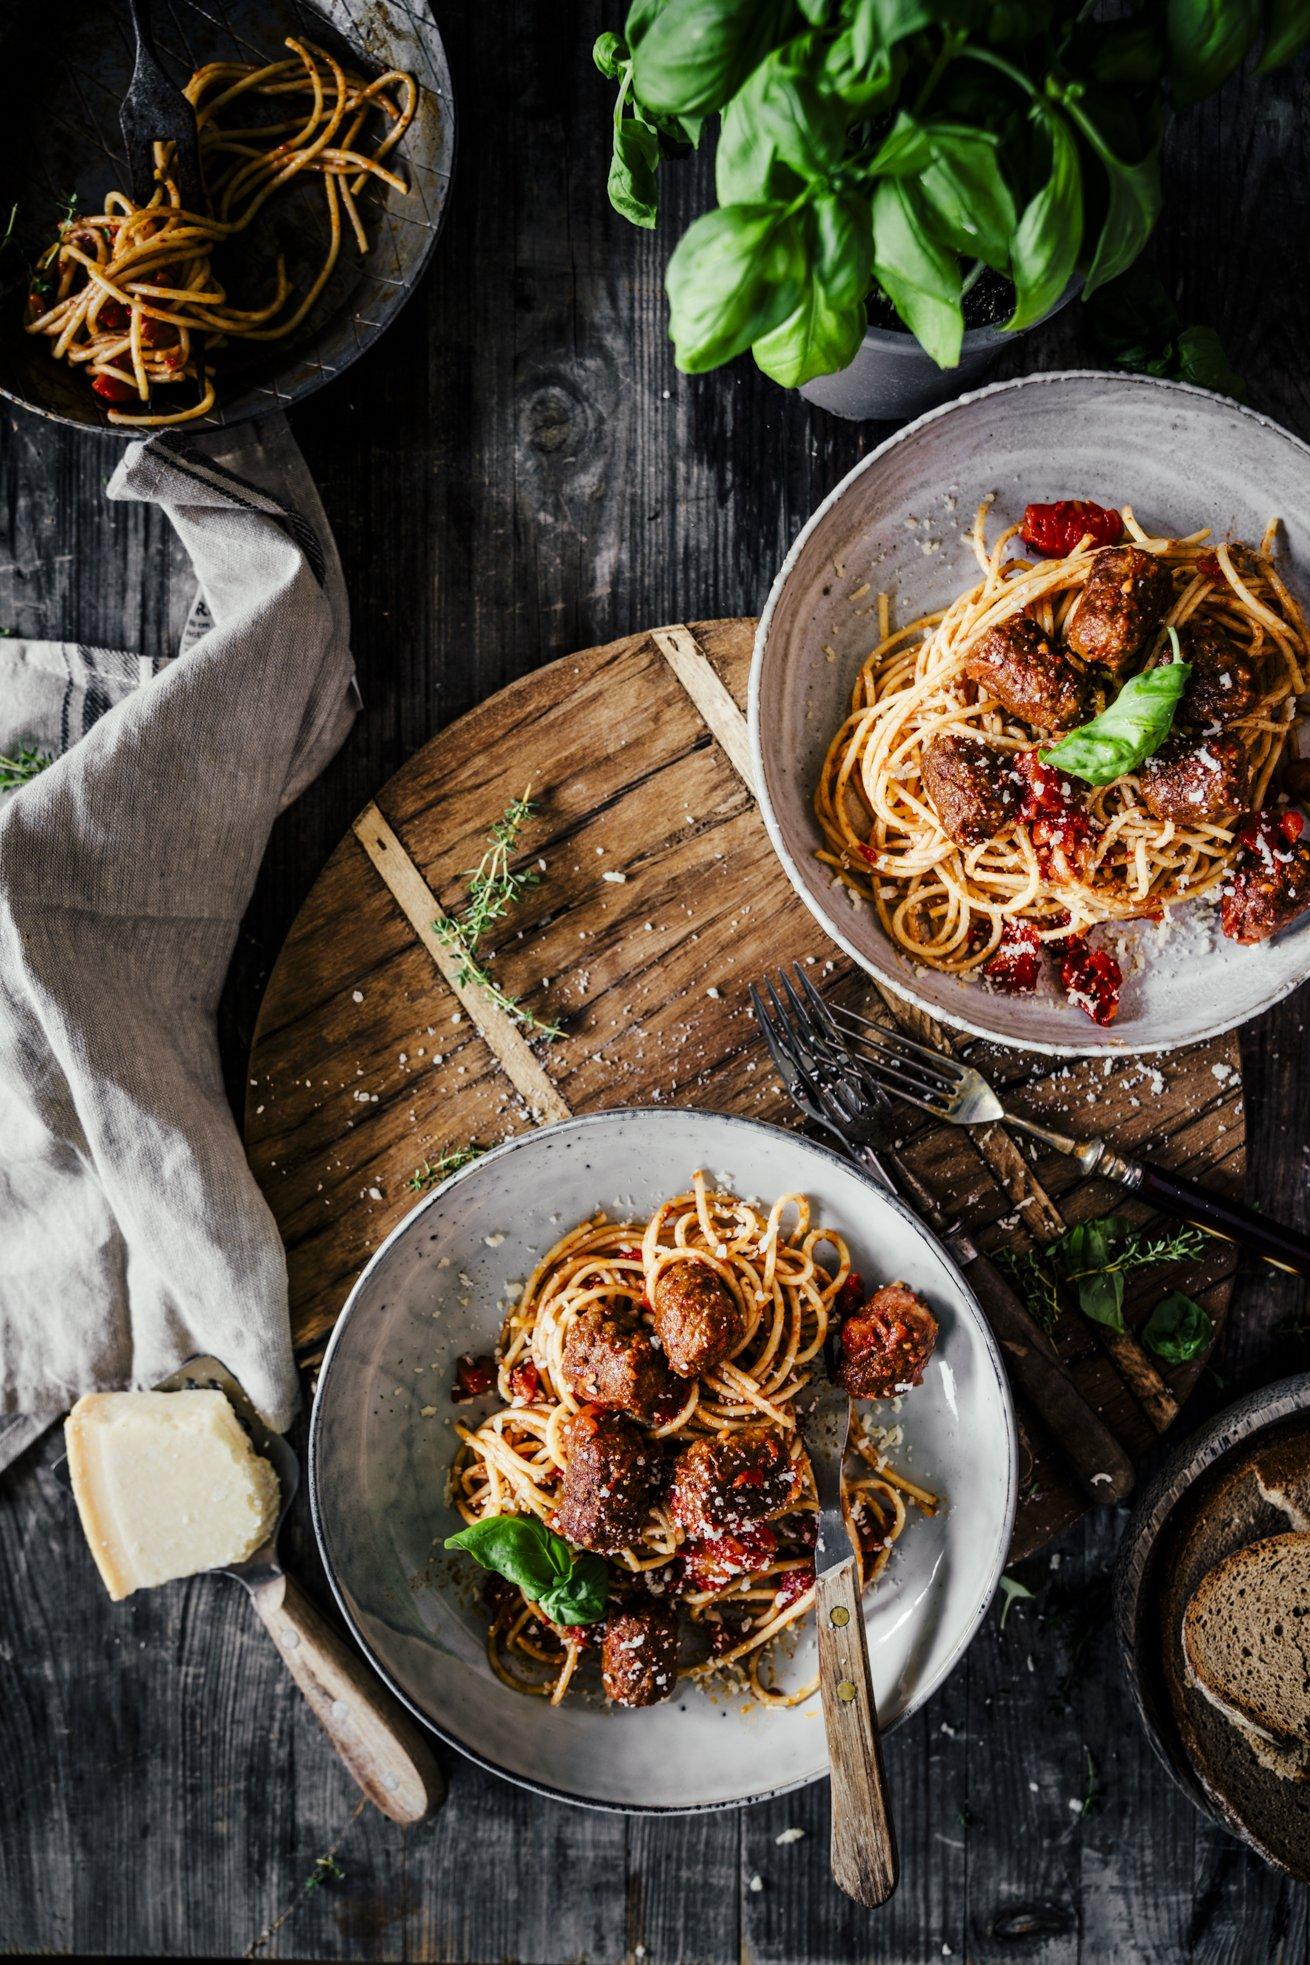 Spaghetti mit Tomatensauce und Meatballs